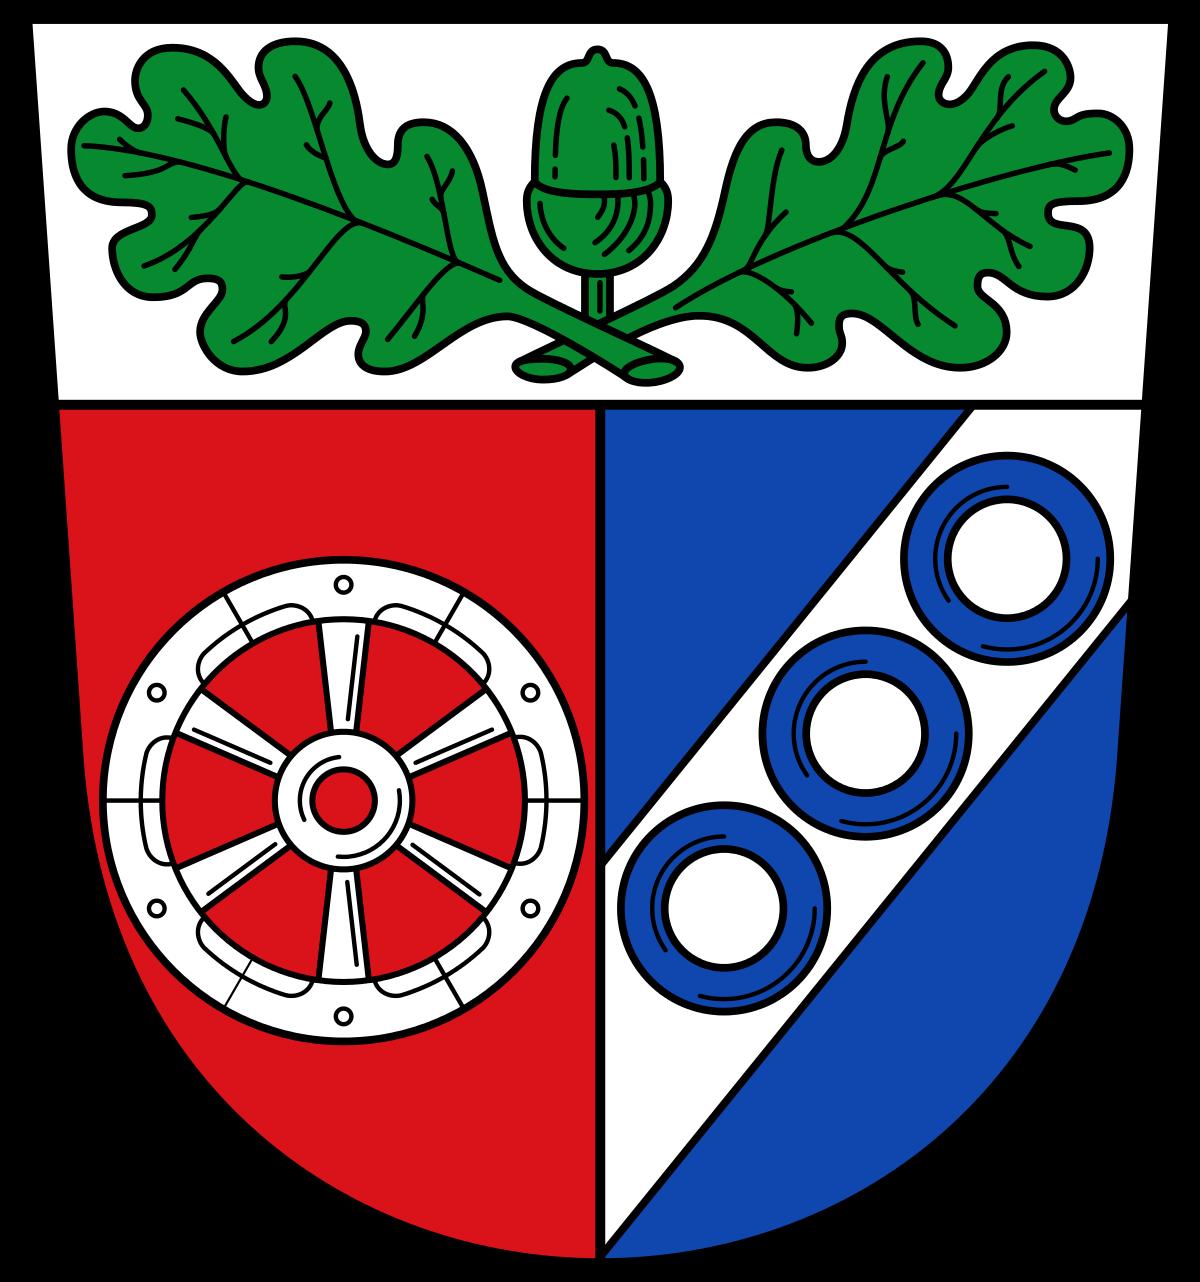 Distrikto Bad Kissingen.